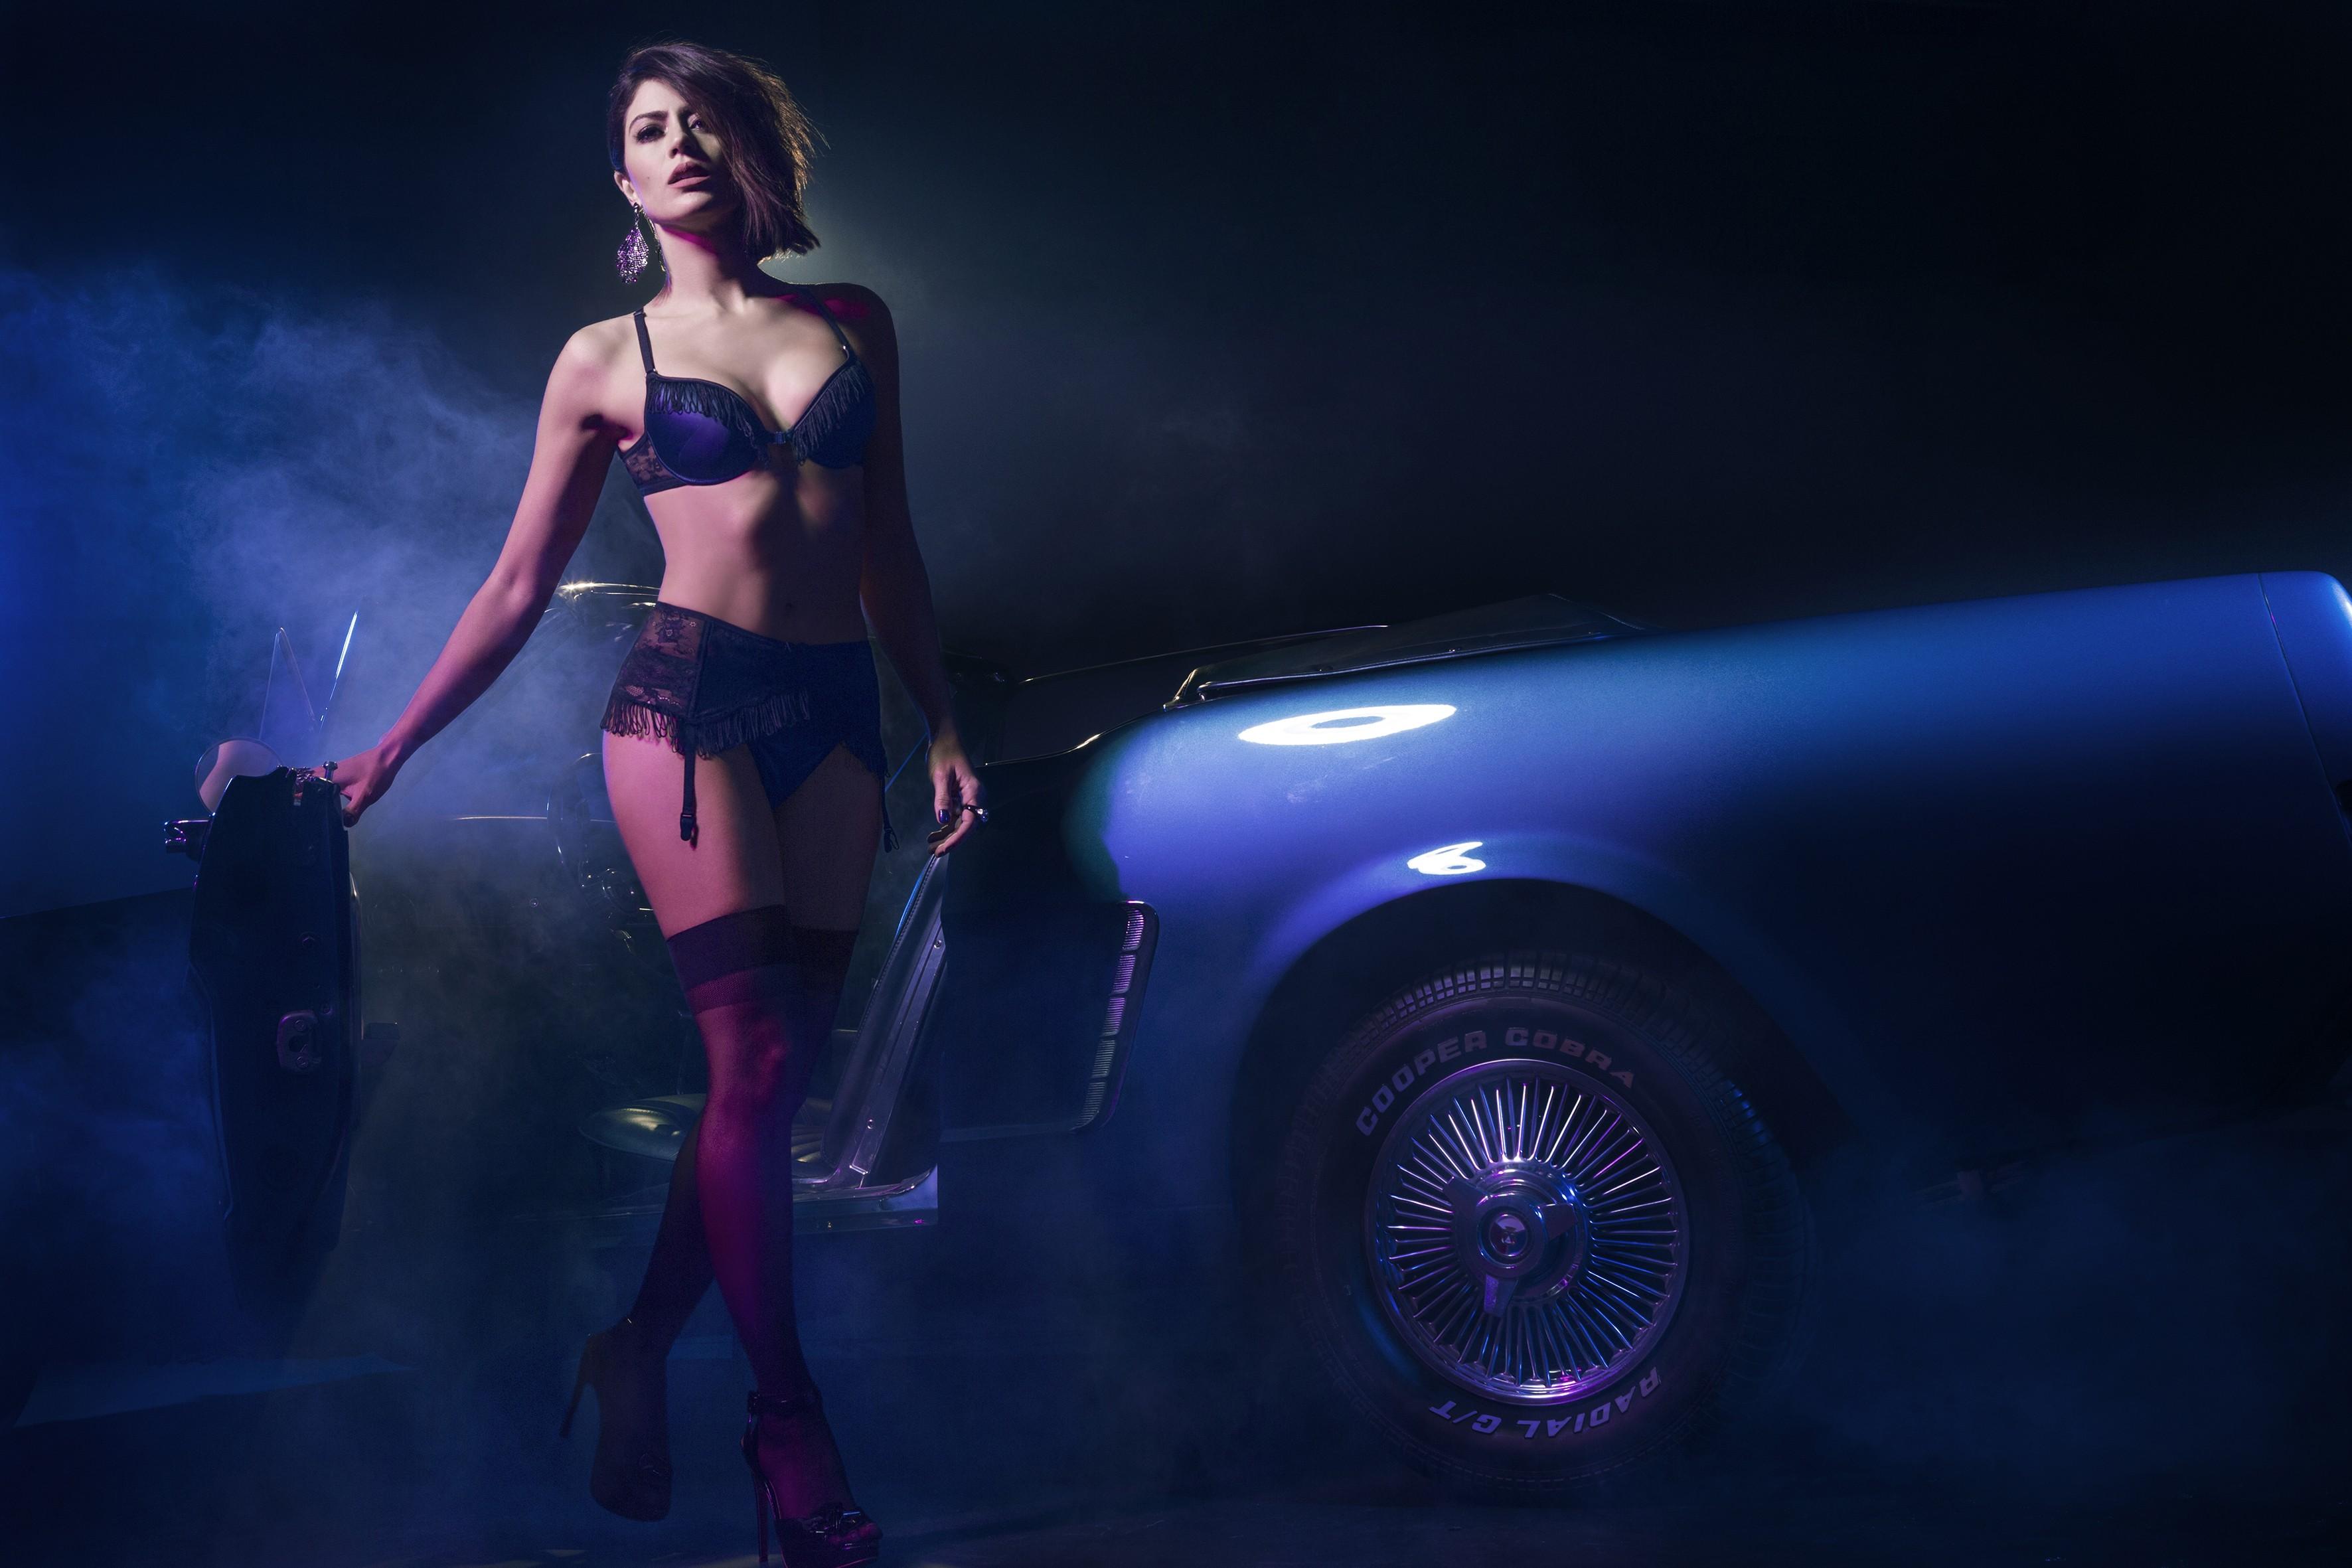 ef1d98f6343f1 Carol Castro exibe a boa forma para campanha de lingerie - Vogue